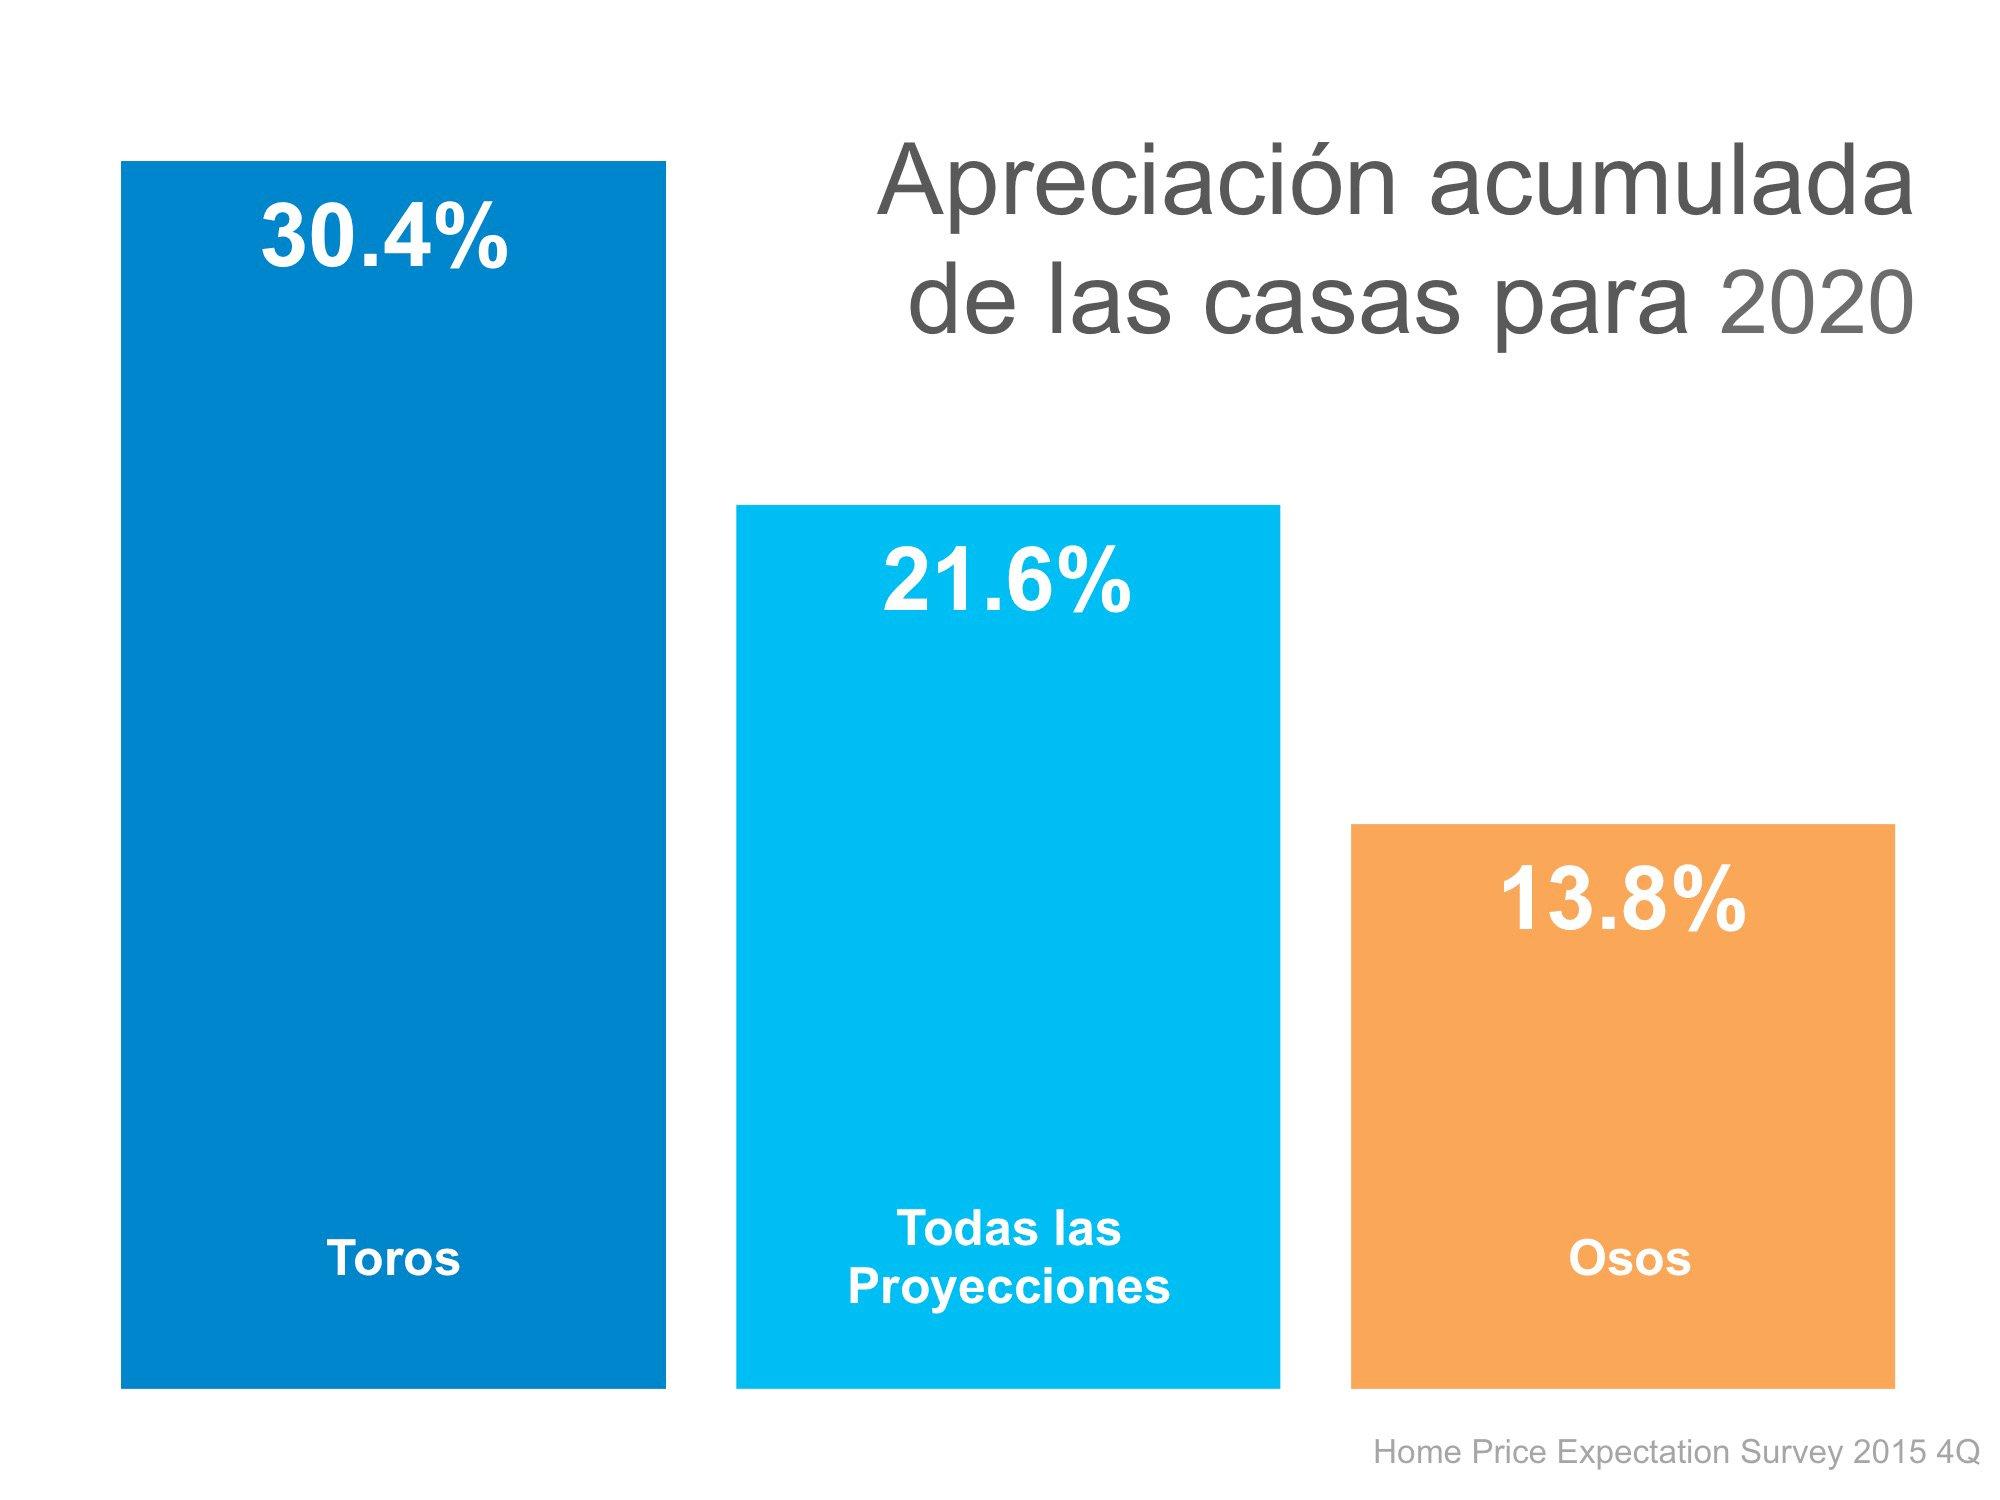 Apreciacion acumulada | Simplifying The Market